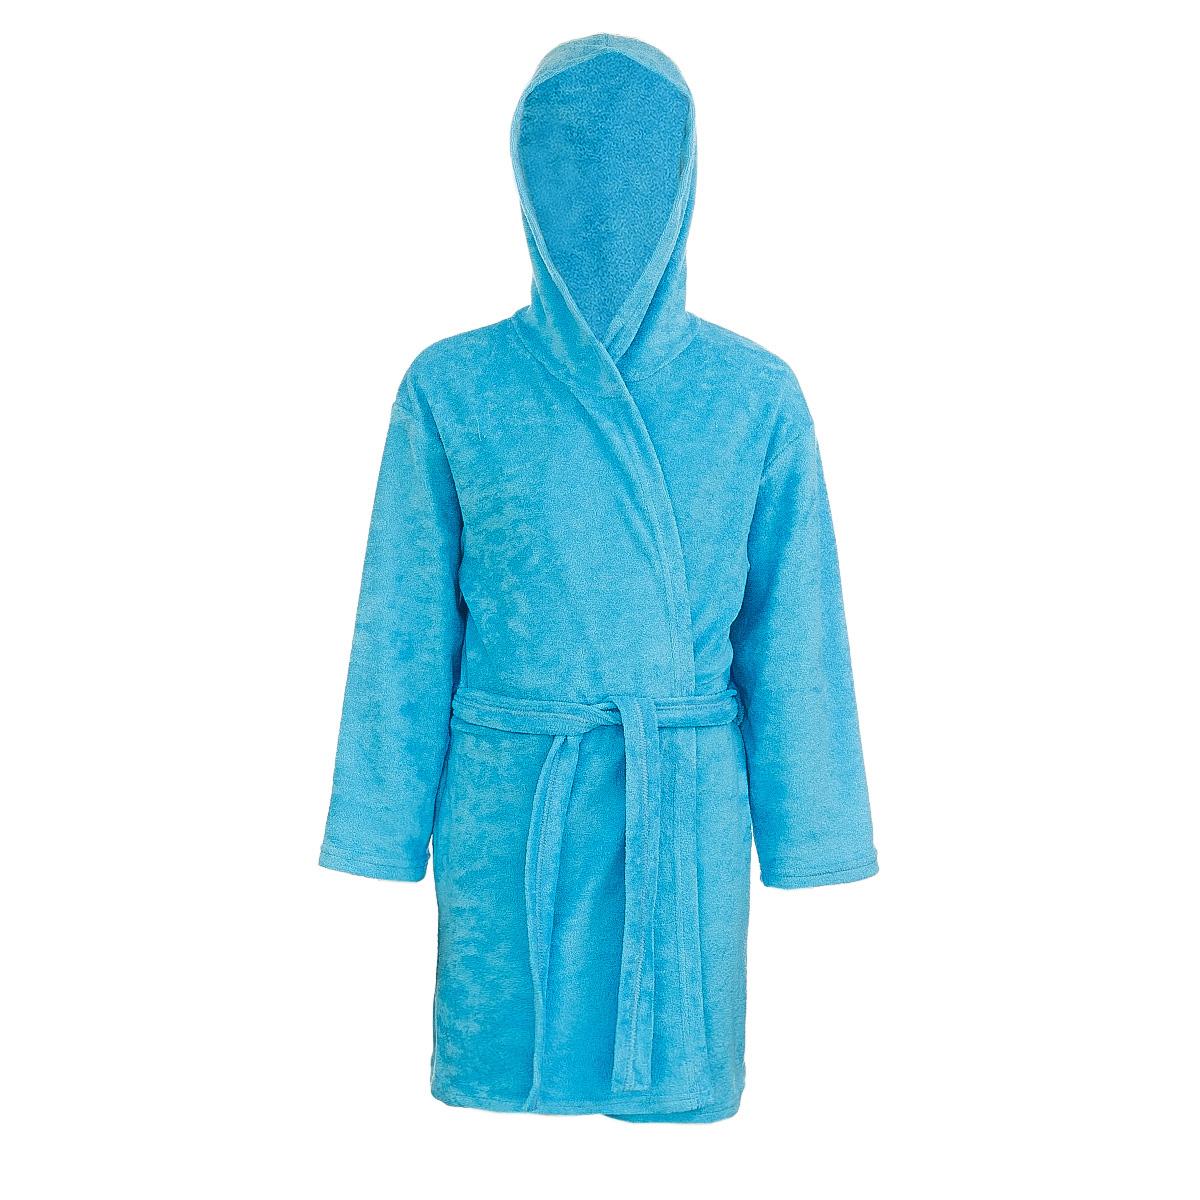 Халат детский M&D, цвет: голубой. Х70510. Размер 134Х70510Мягкий и пушистый халат от фирмы M&D выполнен из хлопка с добавлением полиэстера, приятен к телу и износоустойчив.Халат можно носить по дому или надевать выходя из ванной. Ткань хорошо впитывает влагу и быстро сохнет. Модель с капюшоном и длинными рукавами оснащена шлёвками и поясом.Изделие понравится ребенку, подарит ему тепло, комфорт и уют.